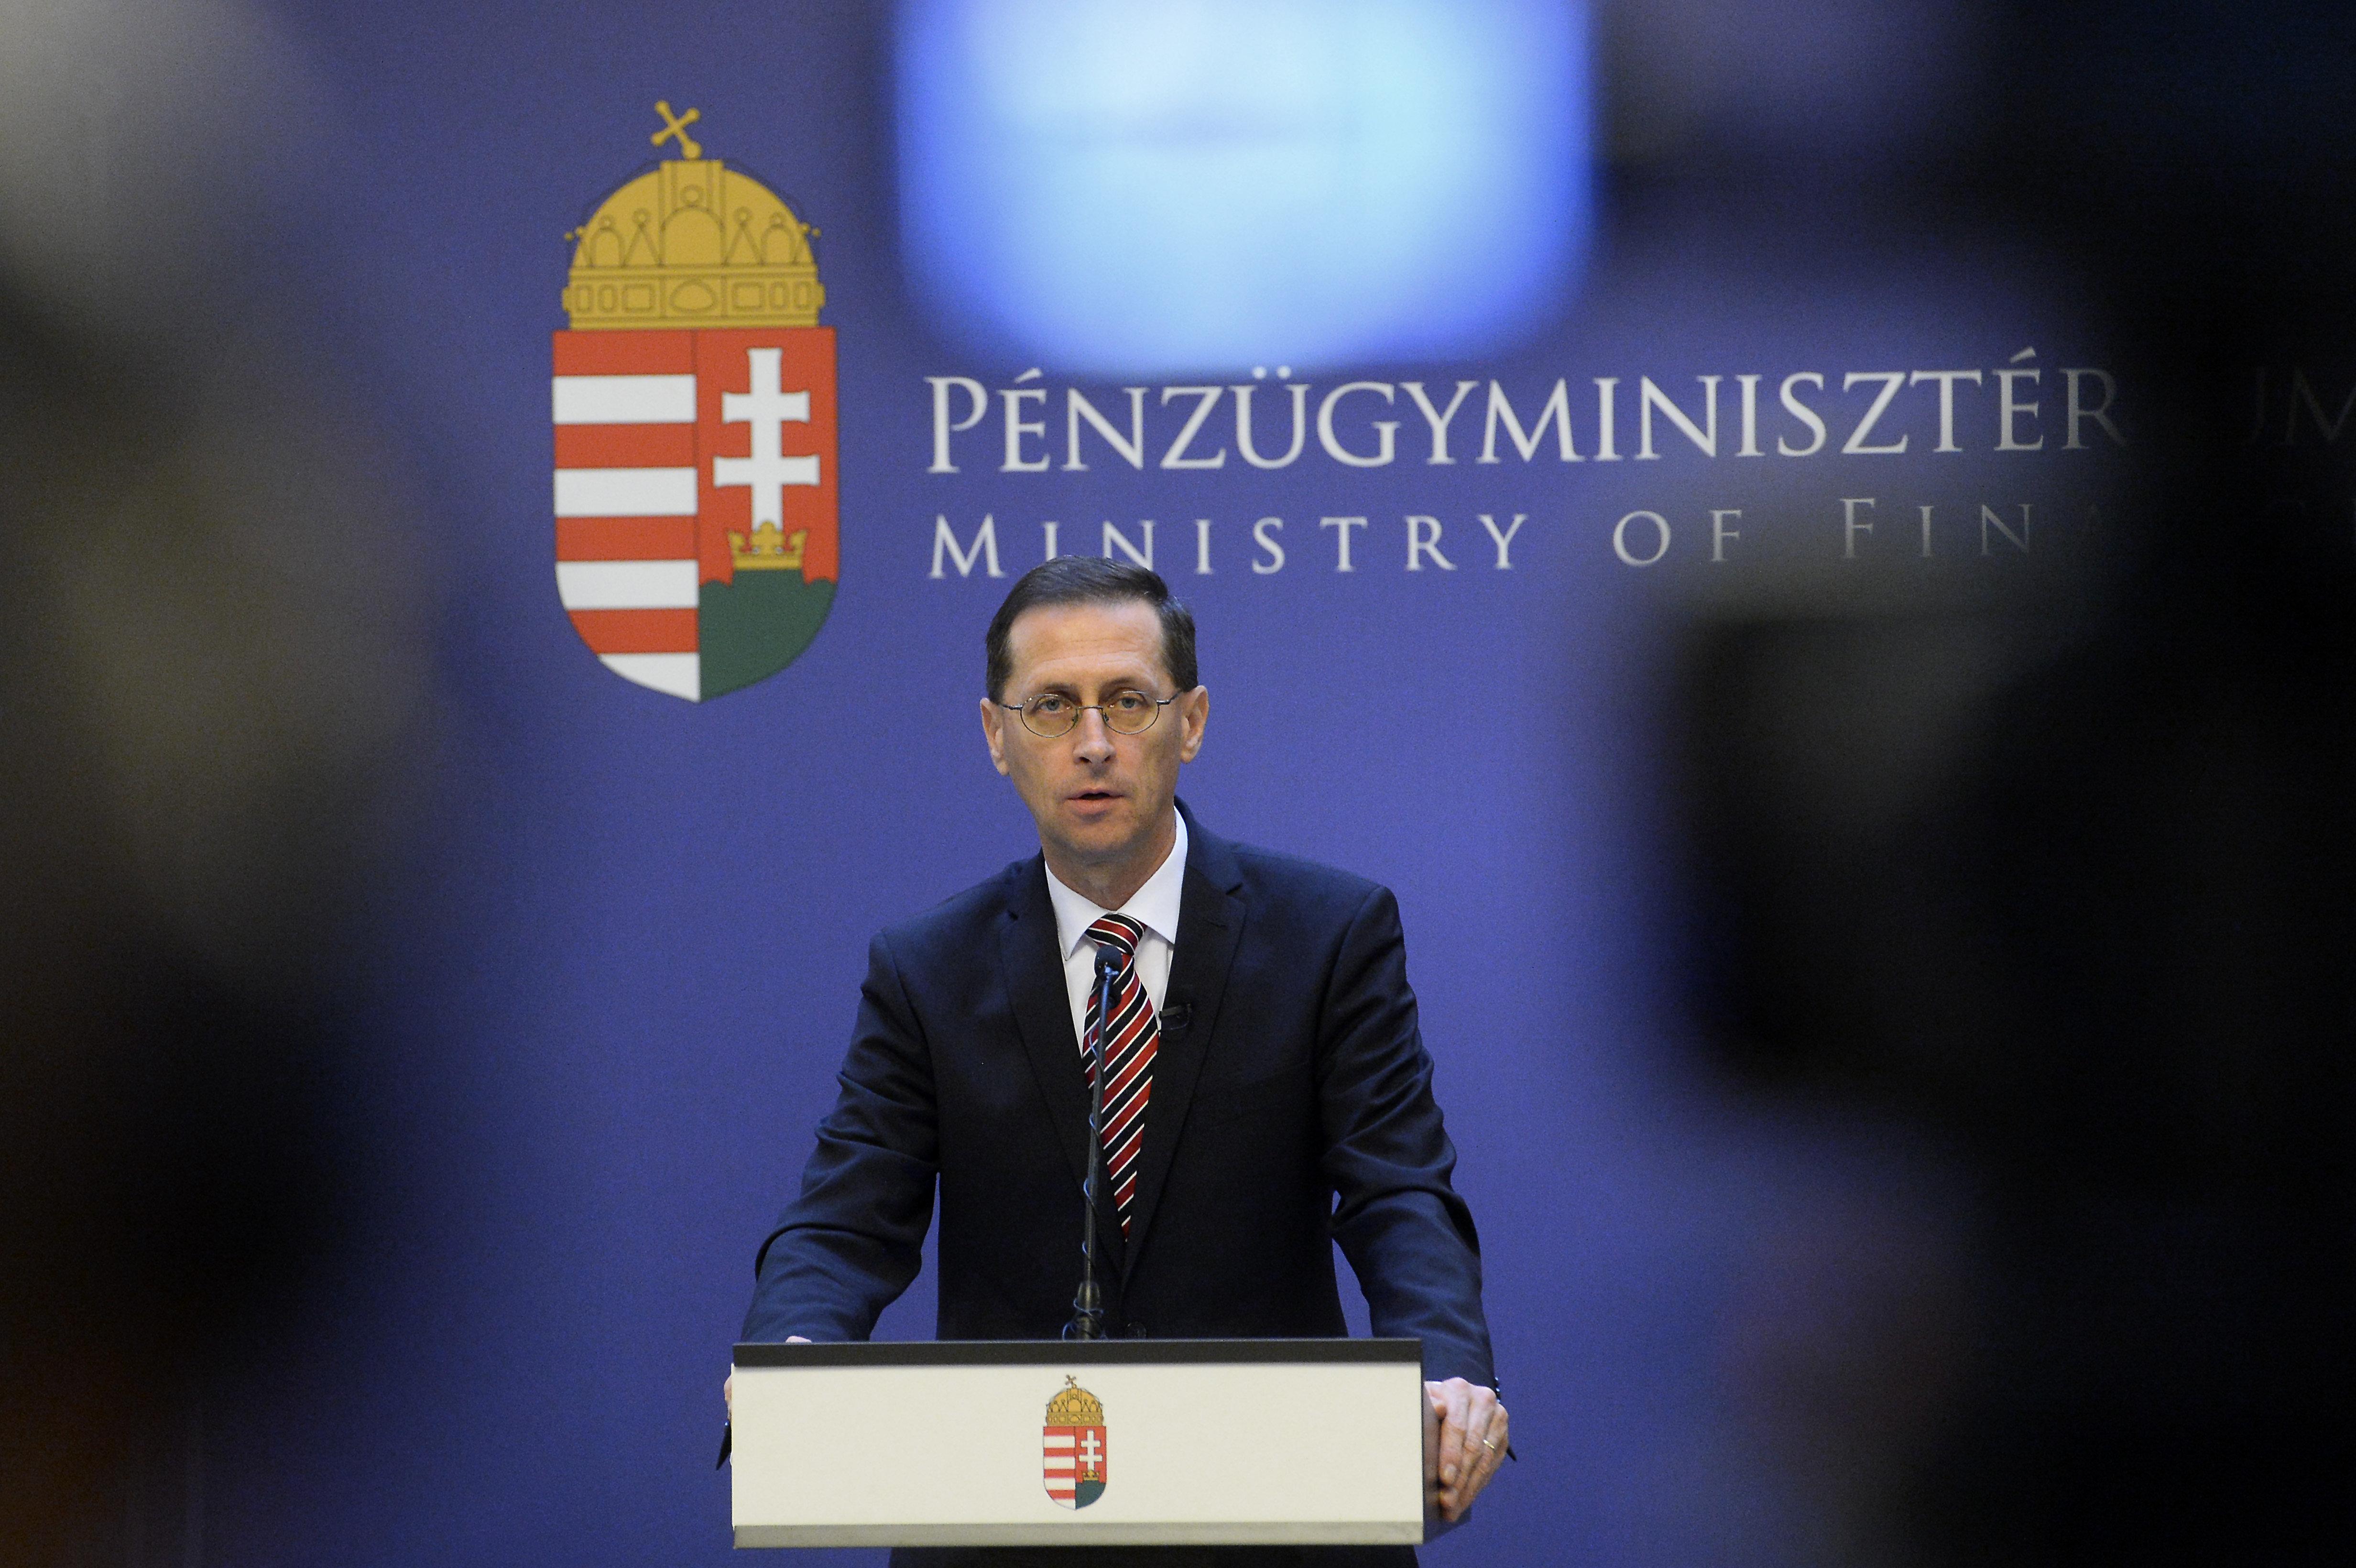 Varga Mihály szerint a kormány 3-4 százalékkal tudta fékezni a gazdaság visszaesését